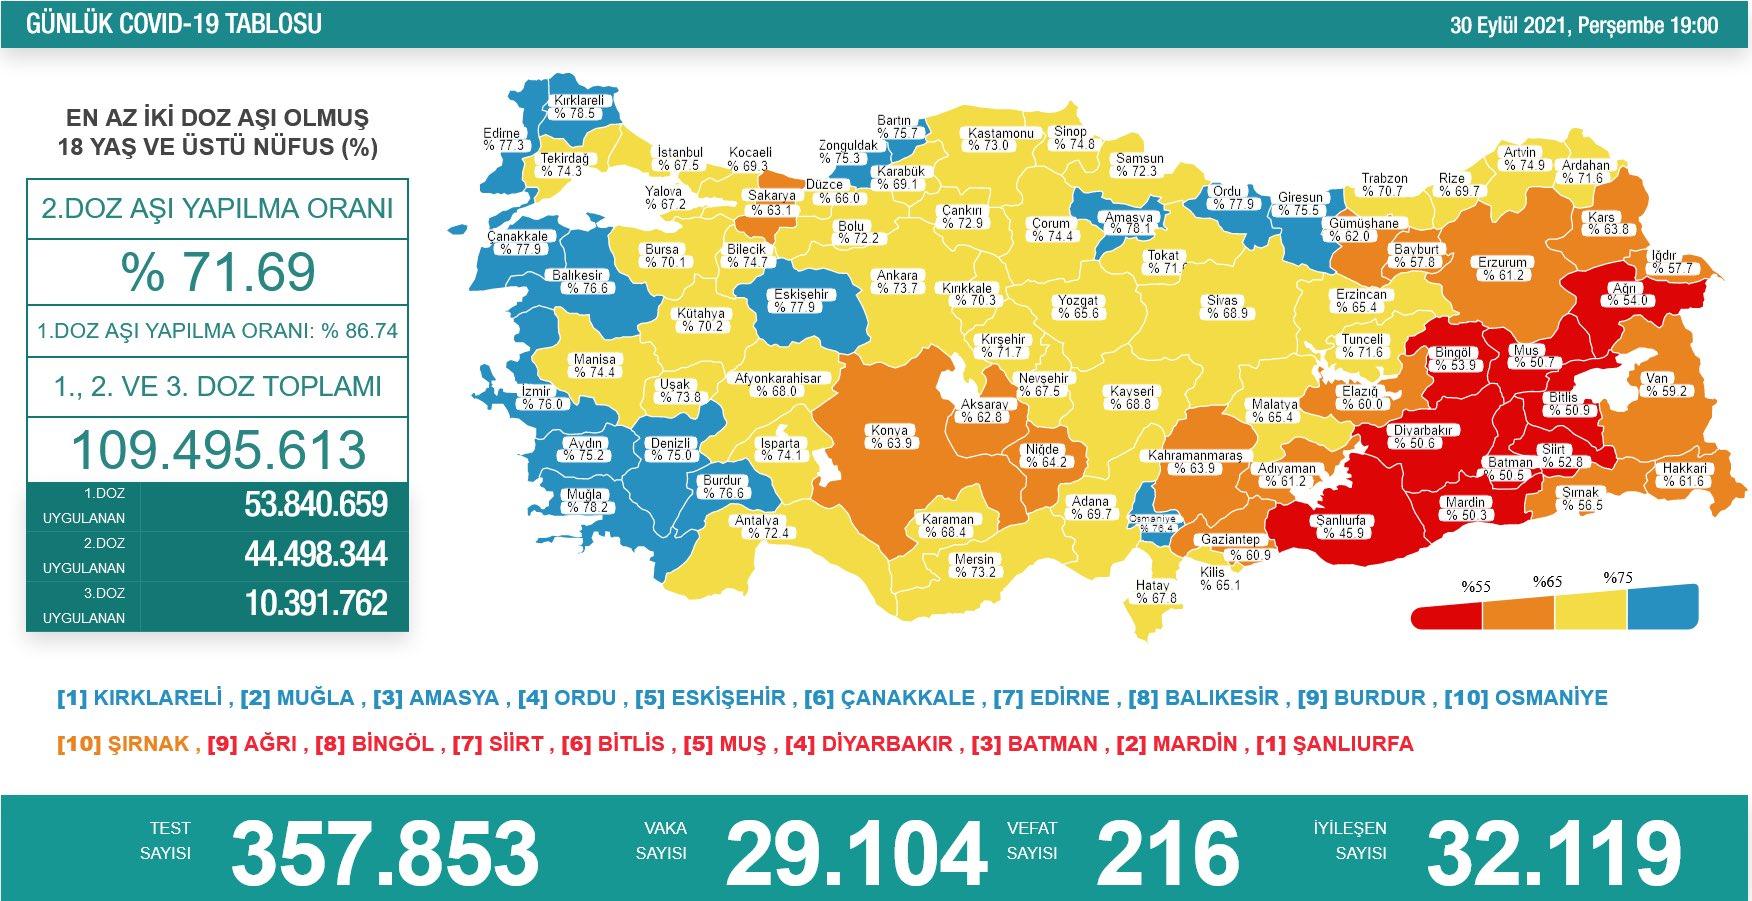 30 Eylül 2021 Türkiye Koronavirüs Tablosu Açıkladı